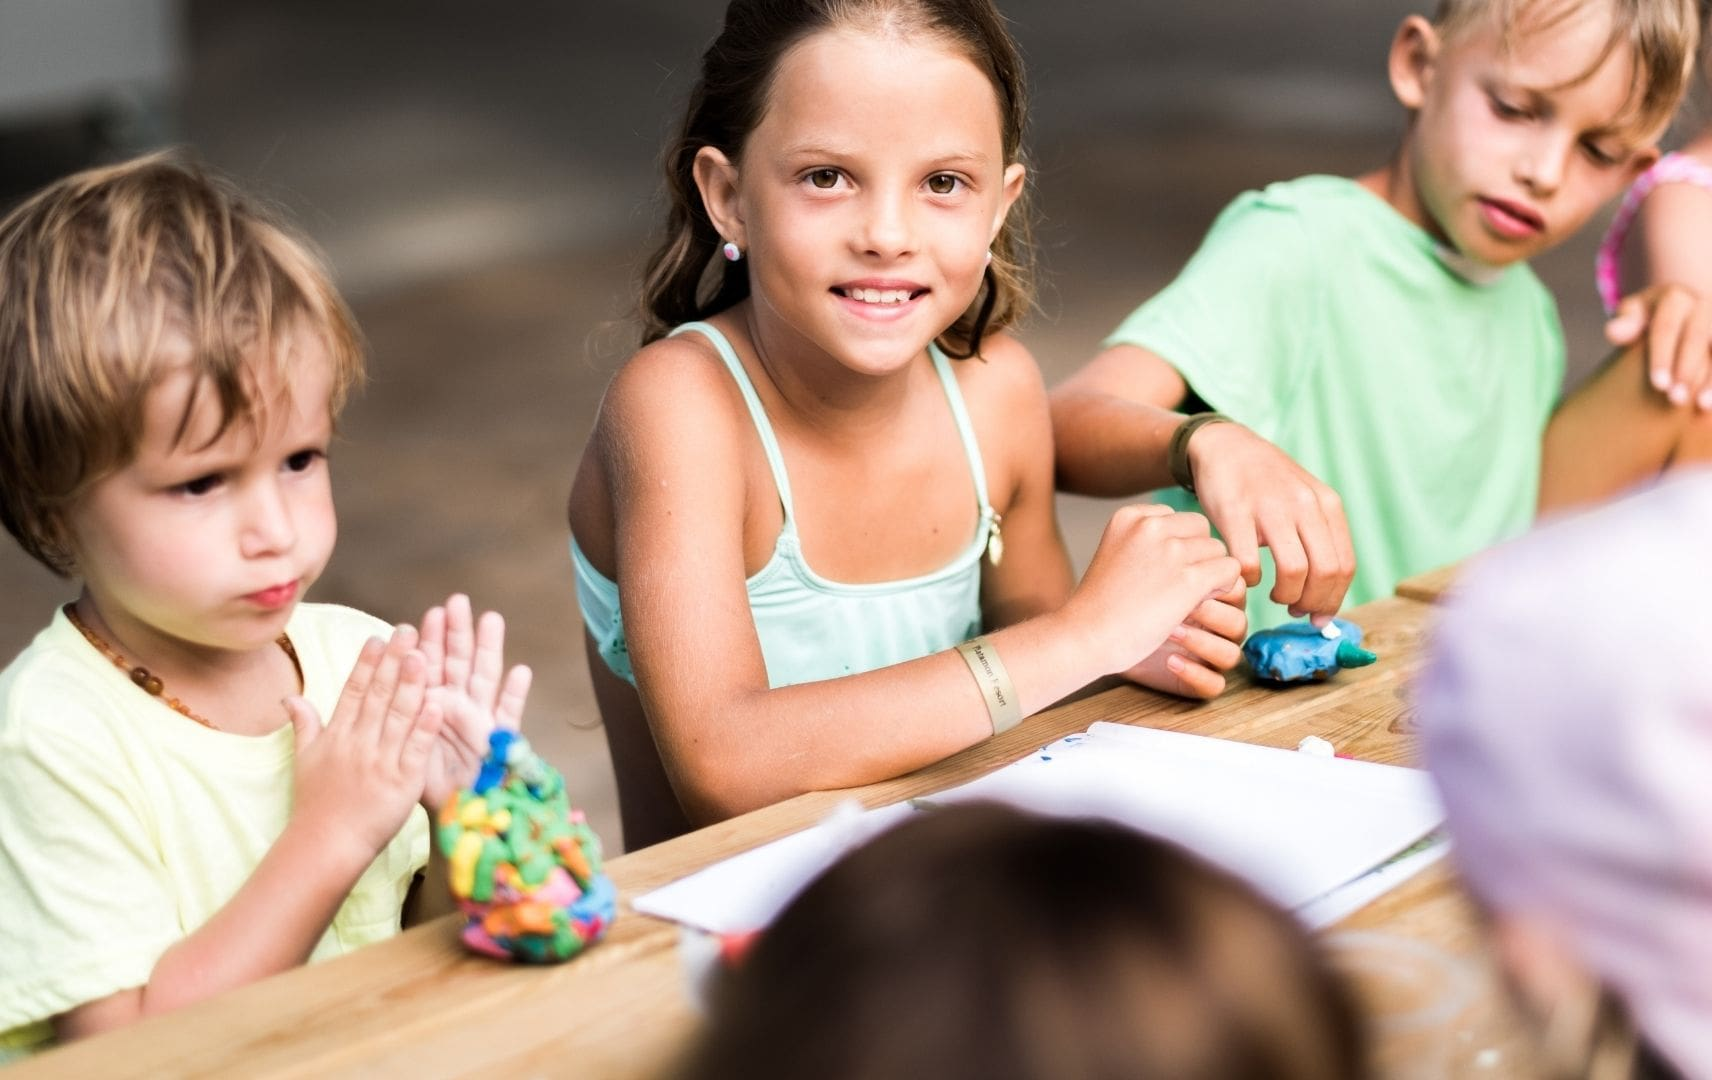 Ein Mädchen und zwei Jungs kneten am Tisch